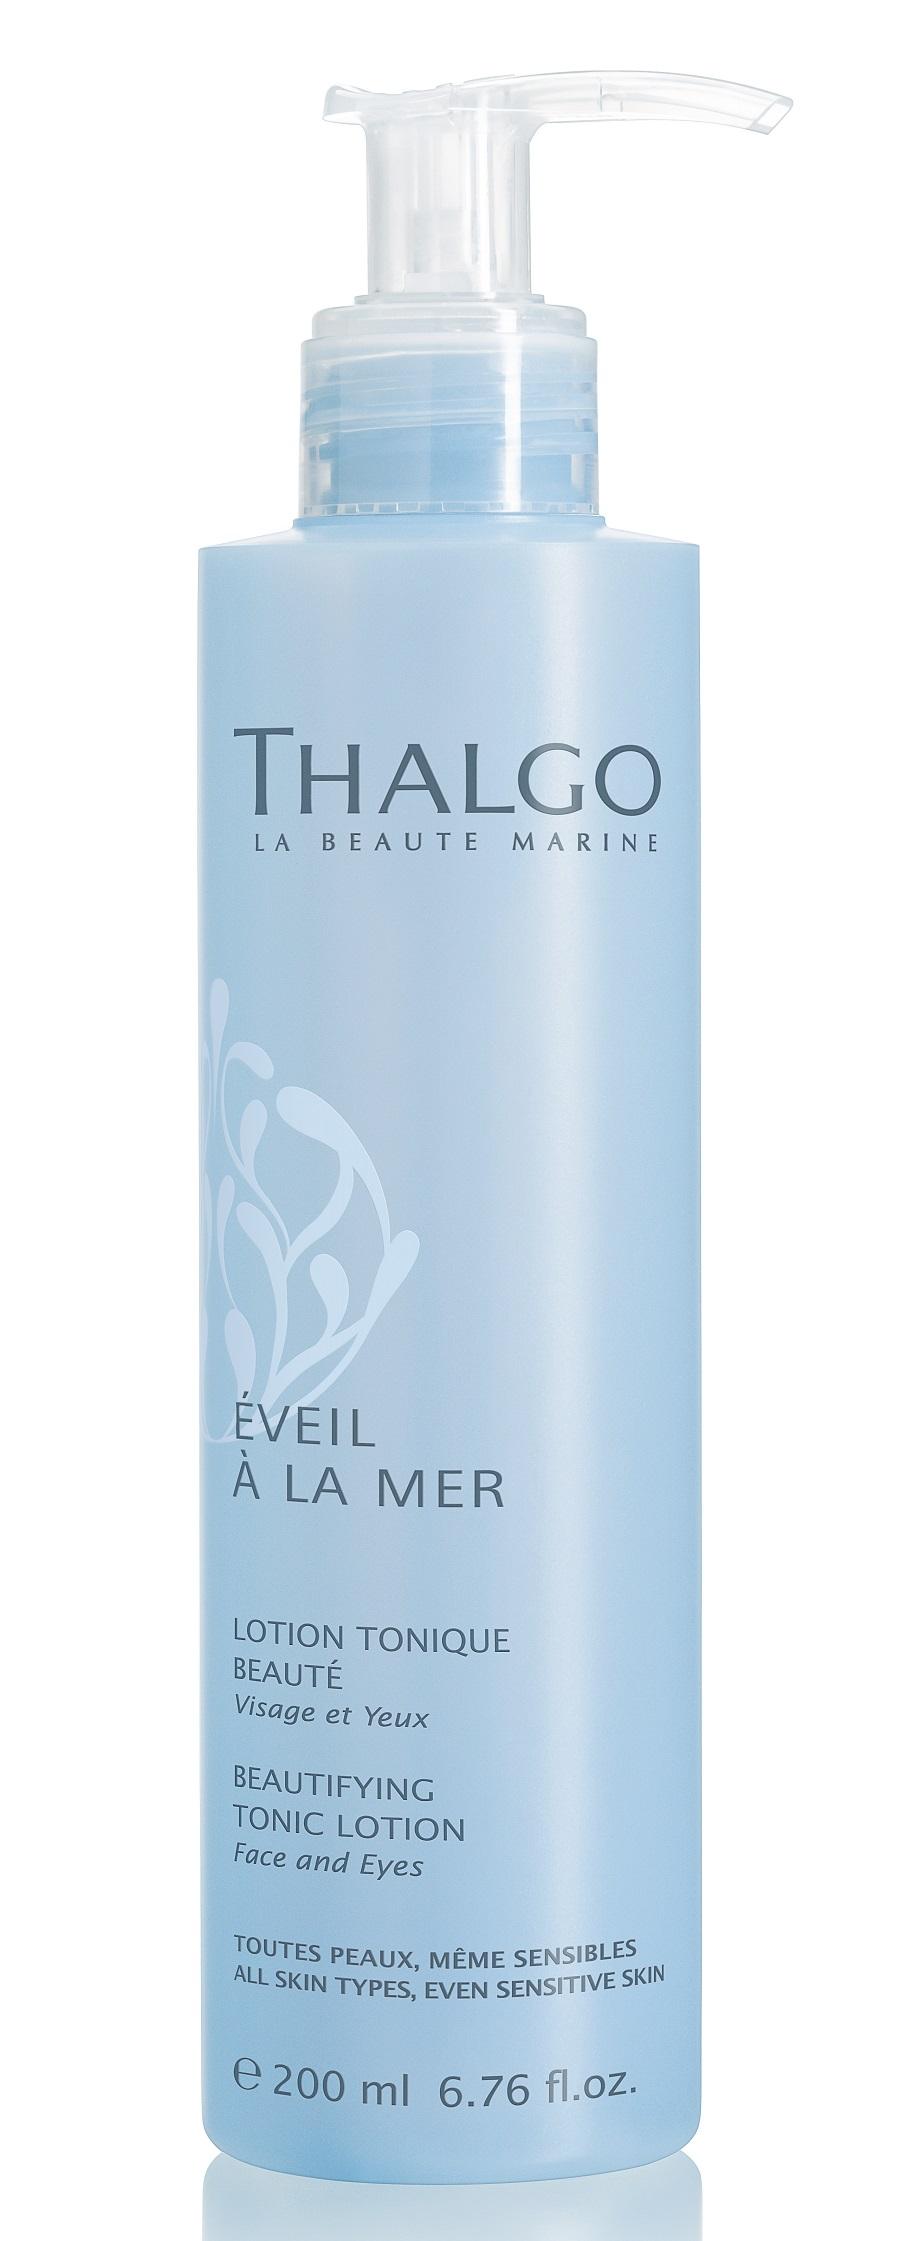 Купить Thalgo Тонизирующий лосьон для лица 200 мл (Thalgo, Eveil à la Mer), Франция